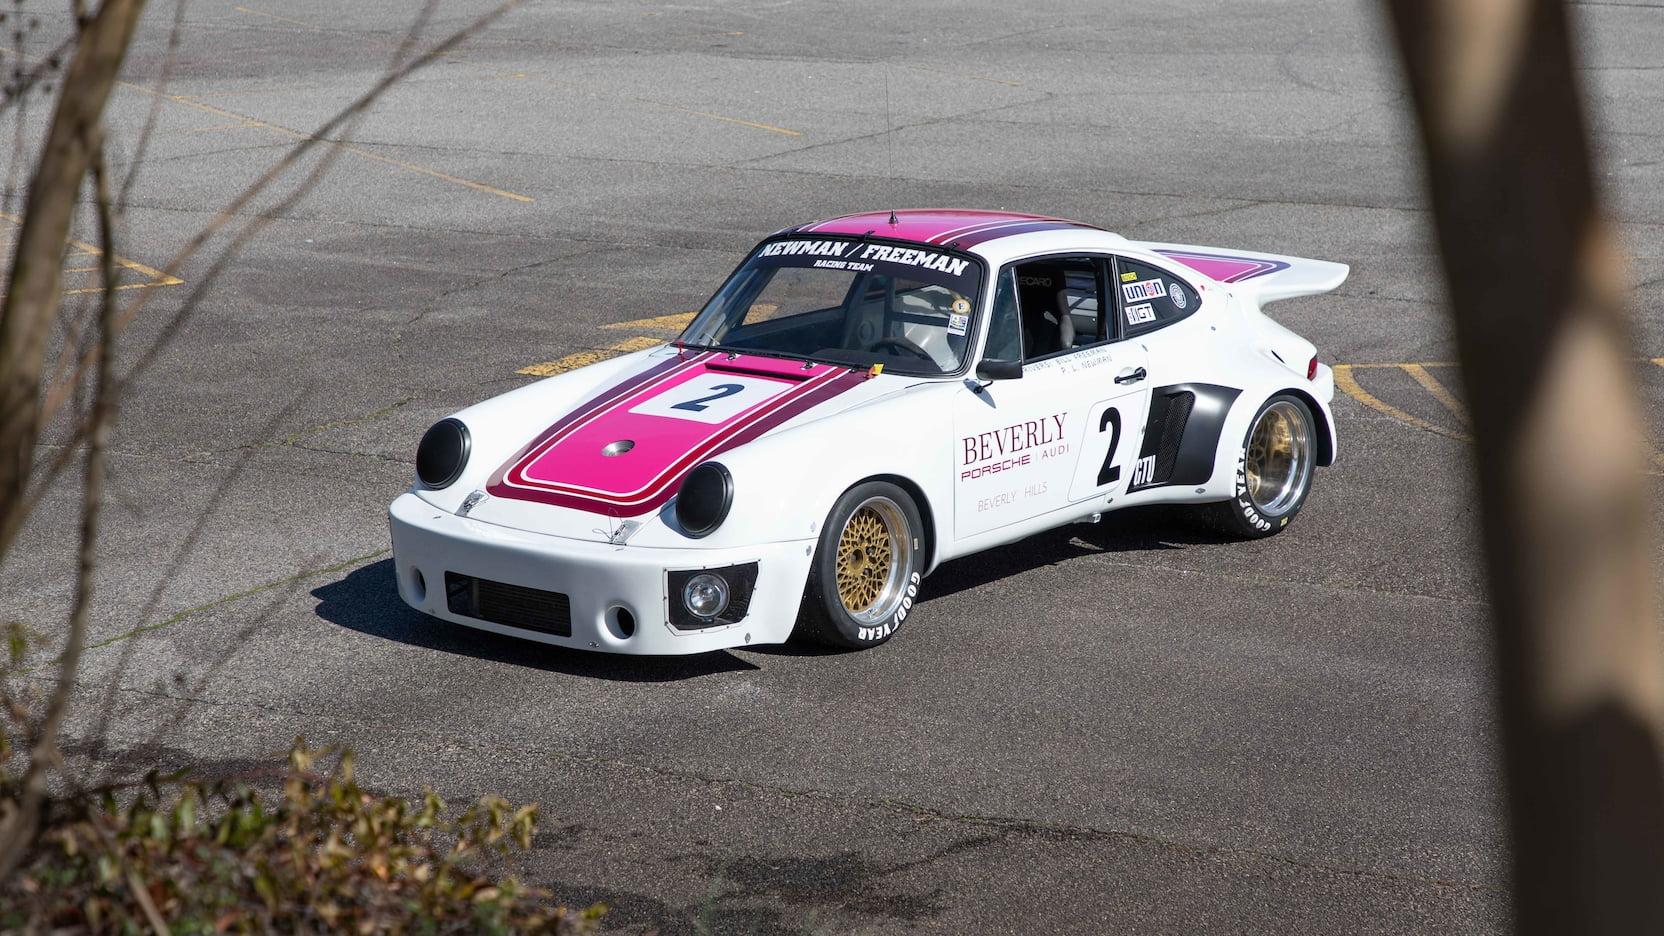 Paul Newman's 1974 Porsche 911S